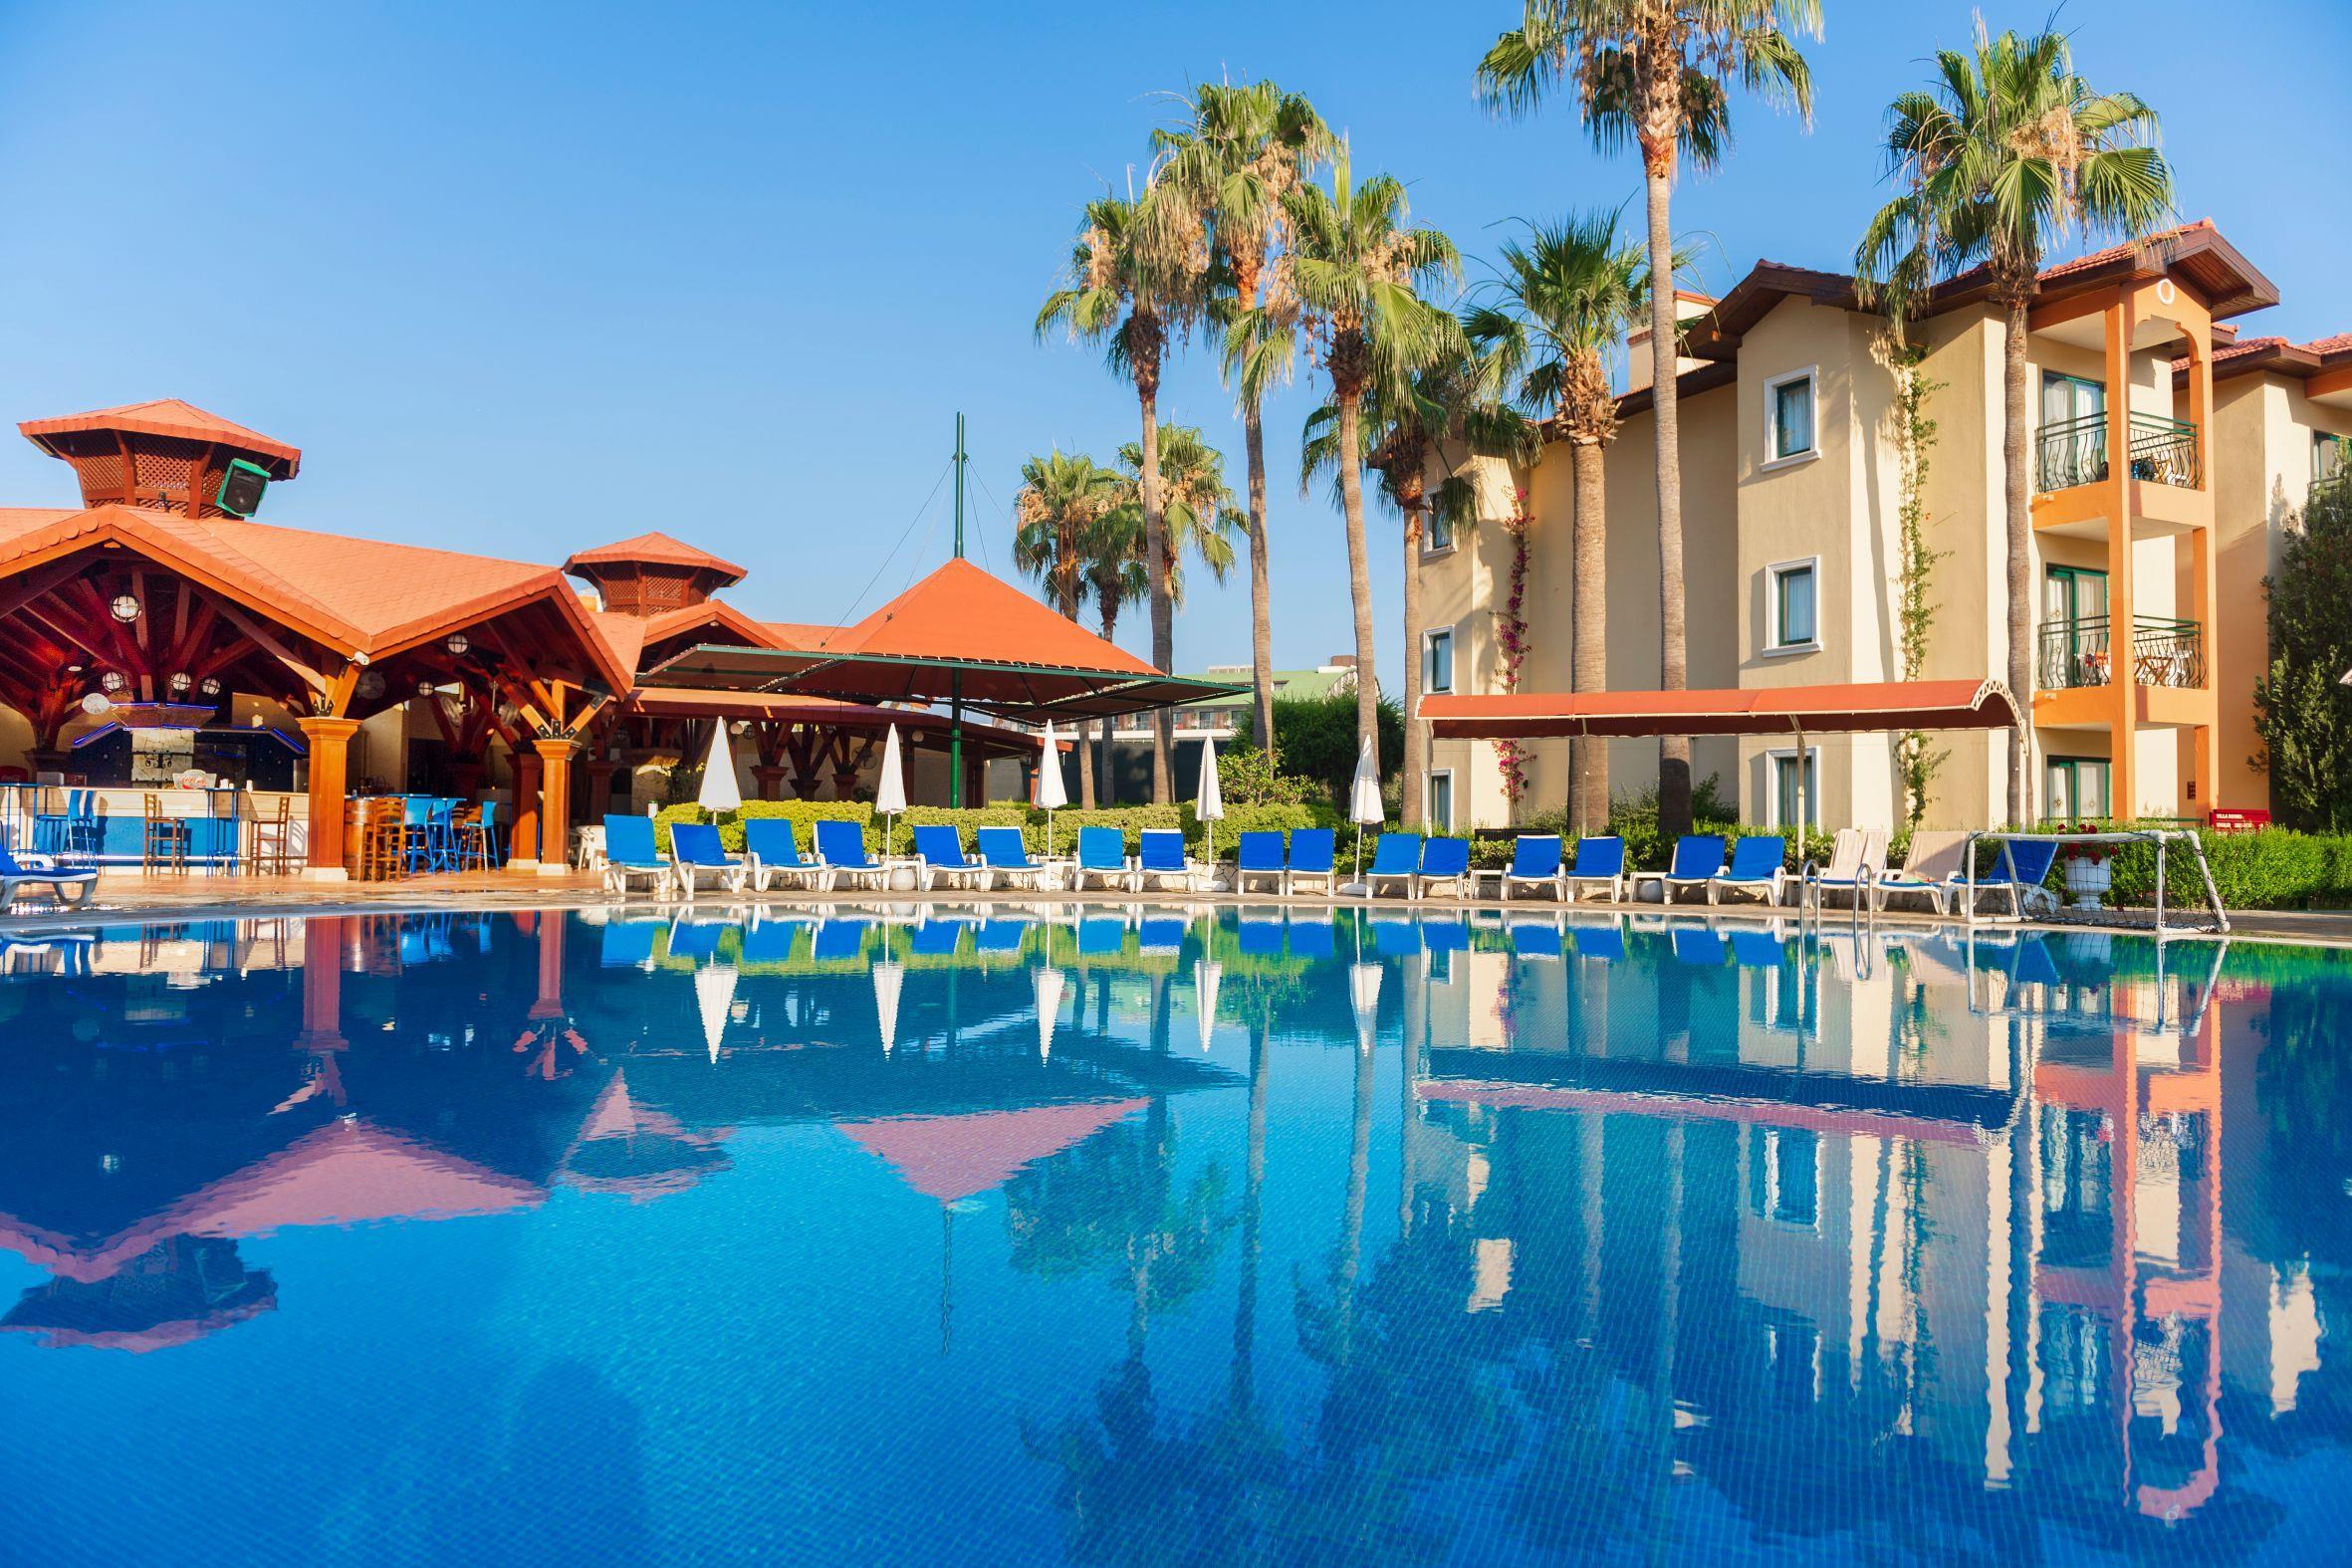 http://www.orextravel.sk/OREX/hotelphotos/miramare-queen-hotel-general-0041.jpg